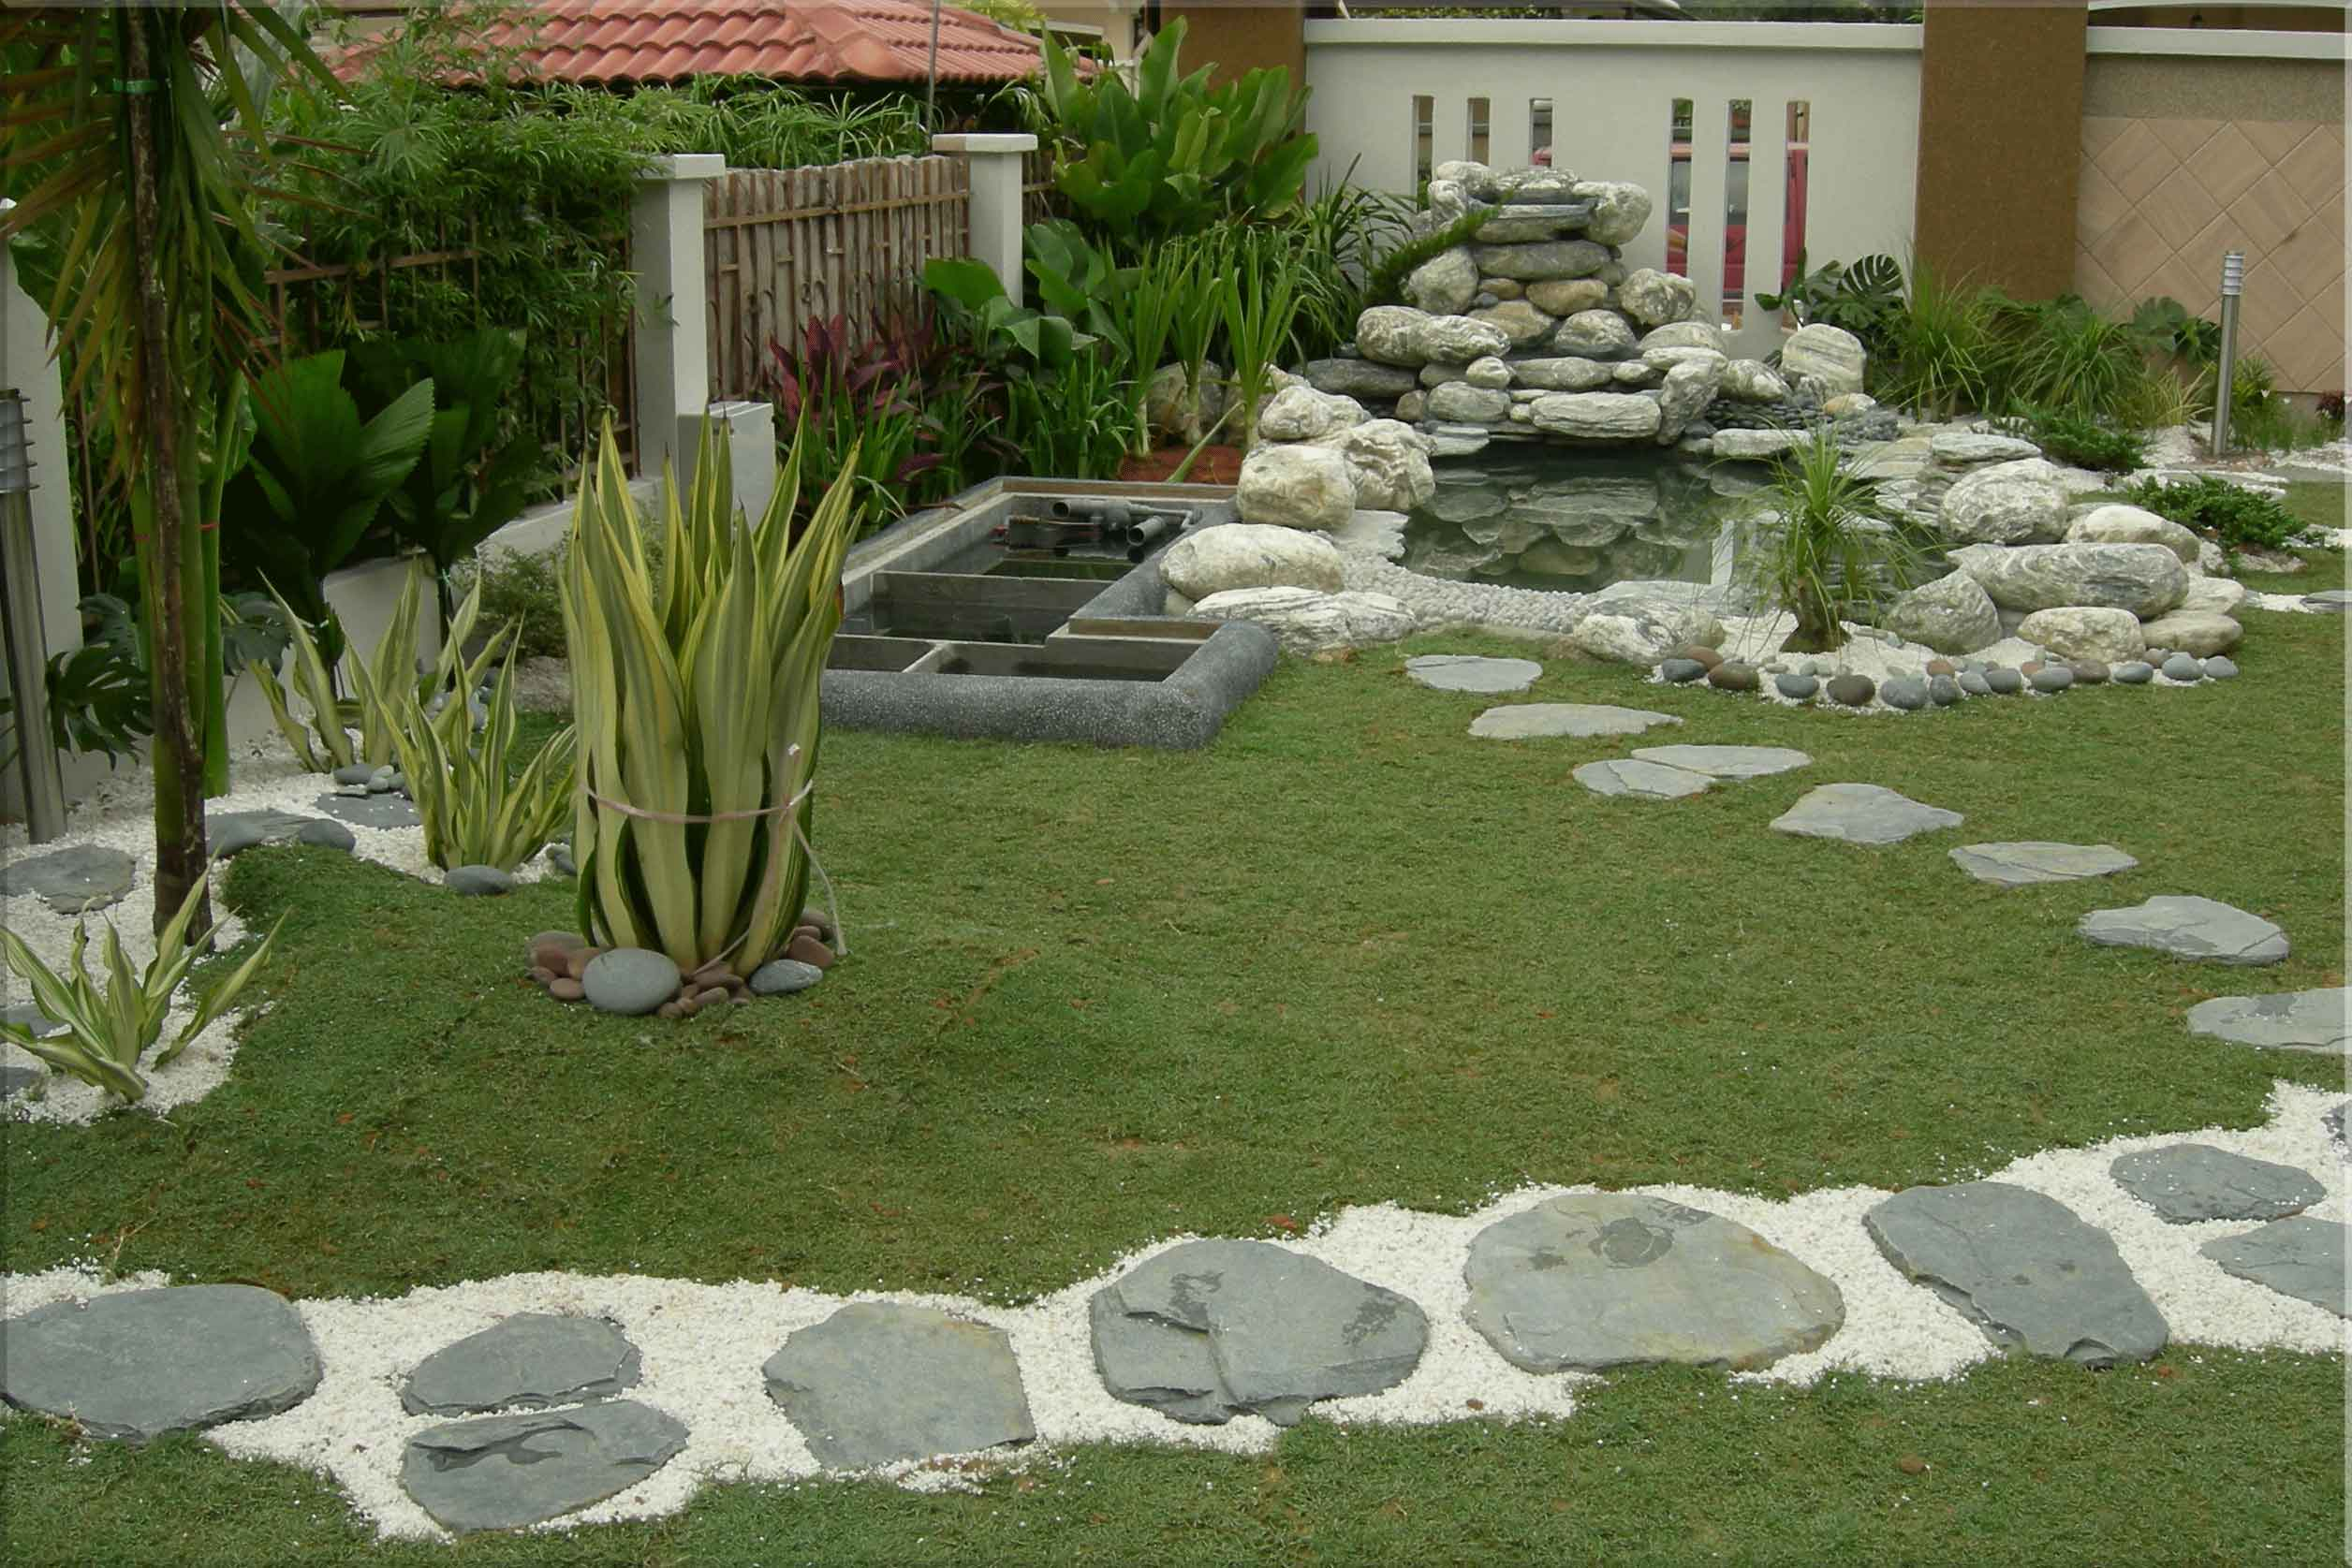 Một góc tiểu cảnh cây xanh được đặt ở sân trước, trong mẫu thiết kế nhà cấp 4 này.